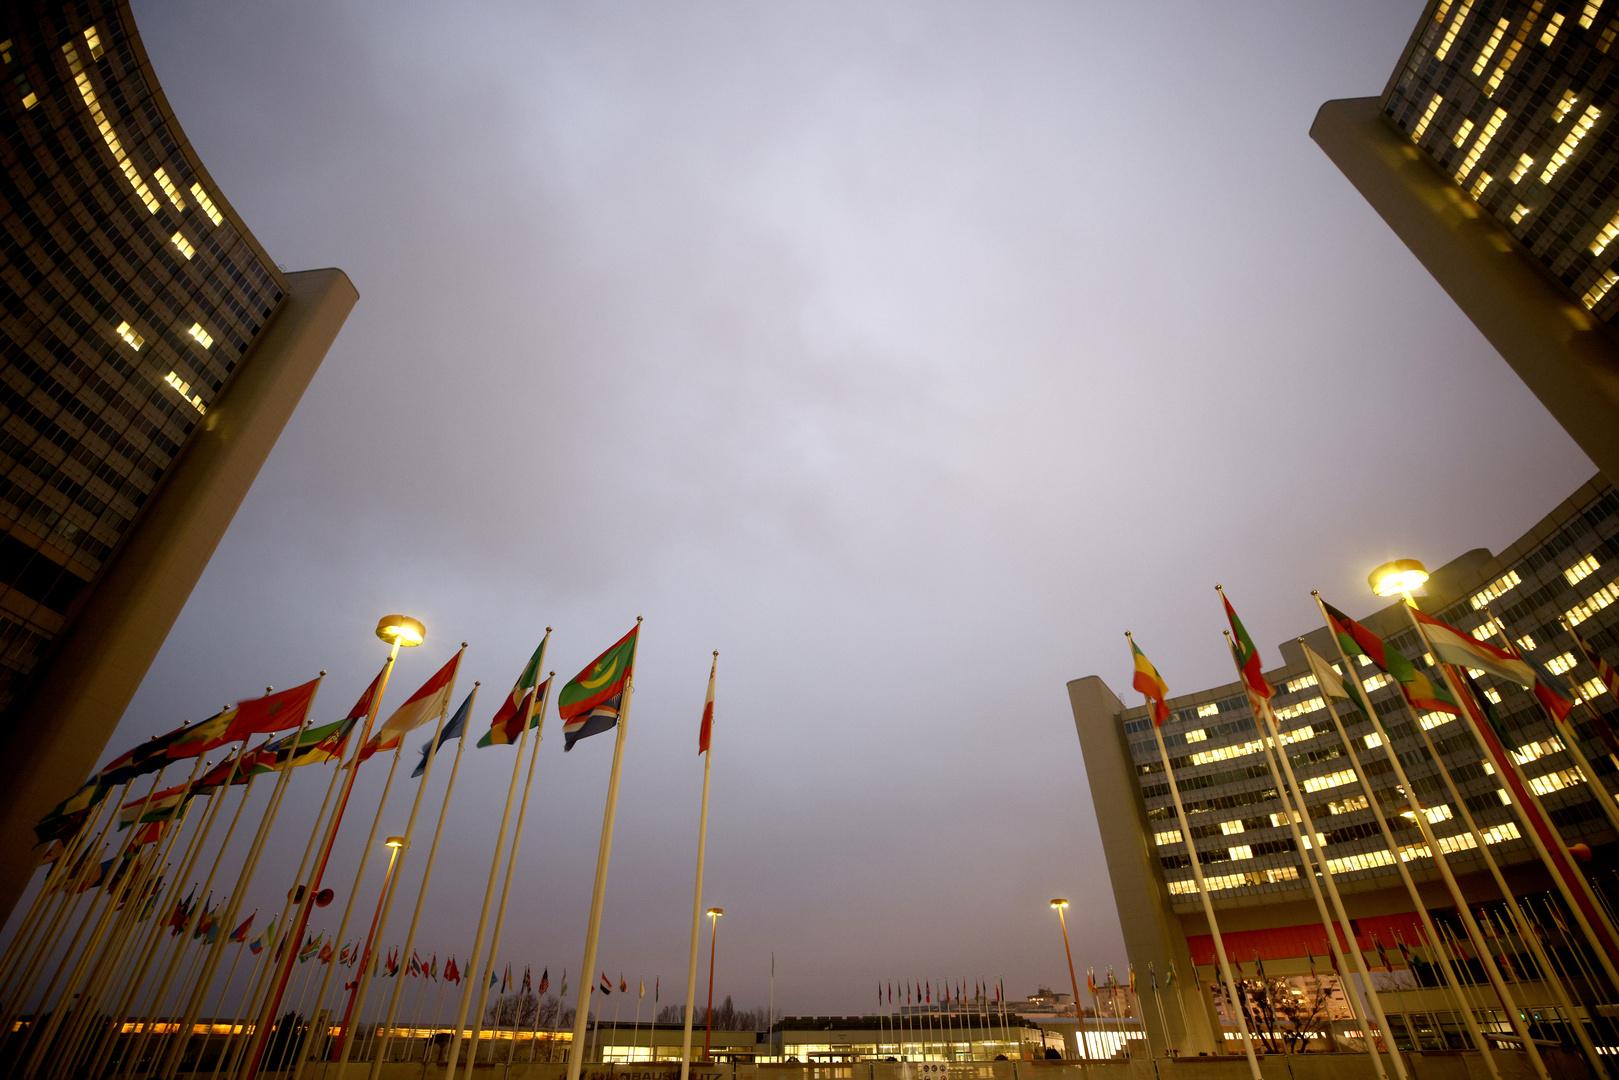 روسيا: هناك سعي مشترك لتحقيق نتيجة ناجحة في المفاوضات عن نووي إيران في غضون أسابيع